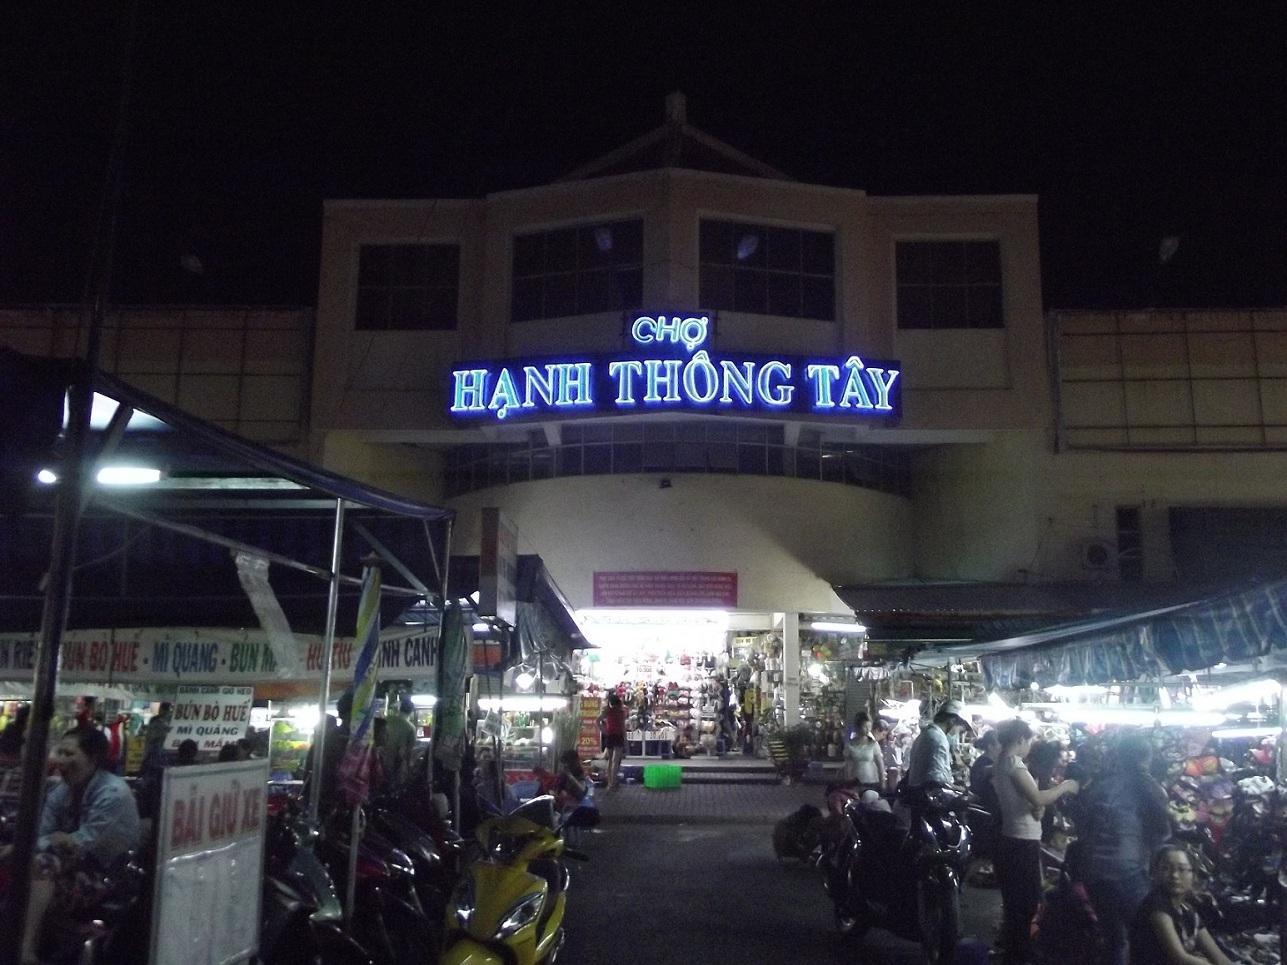 Chợ đêm Hạnh Thông Tây Sài Gòn